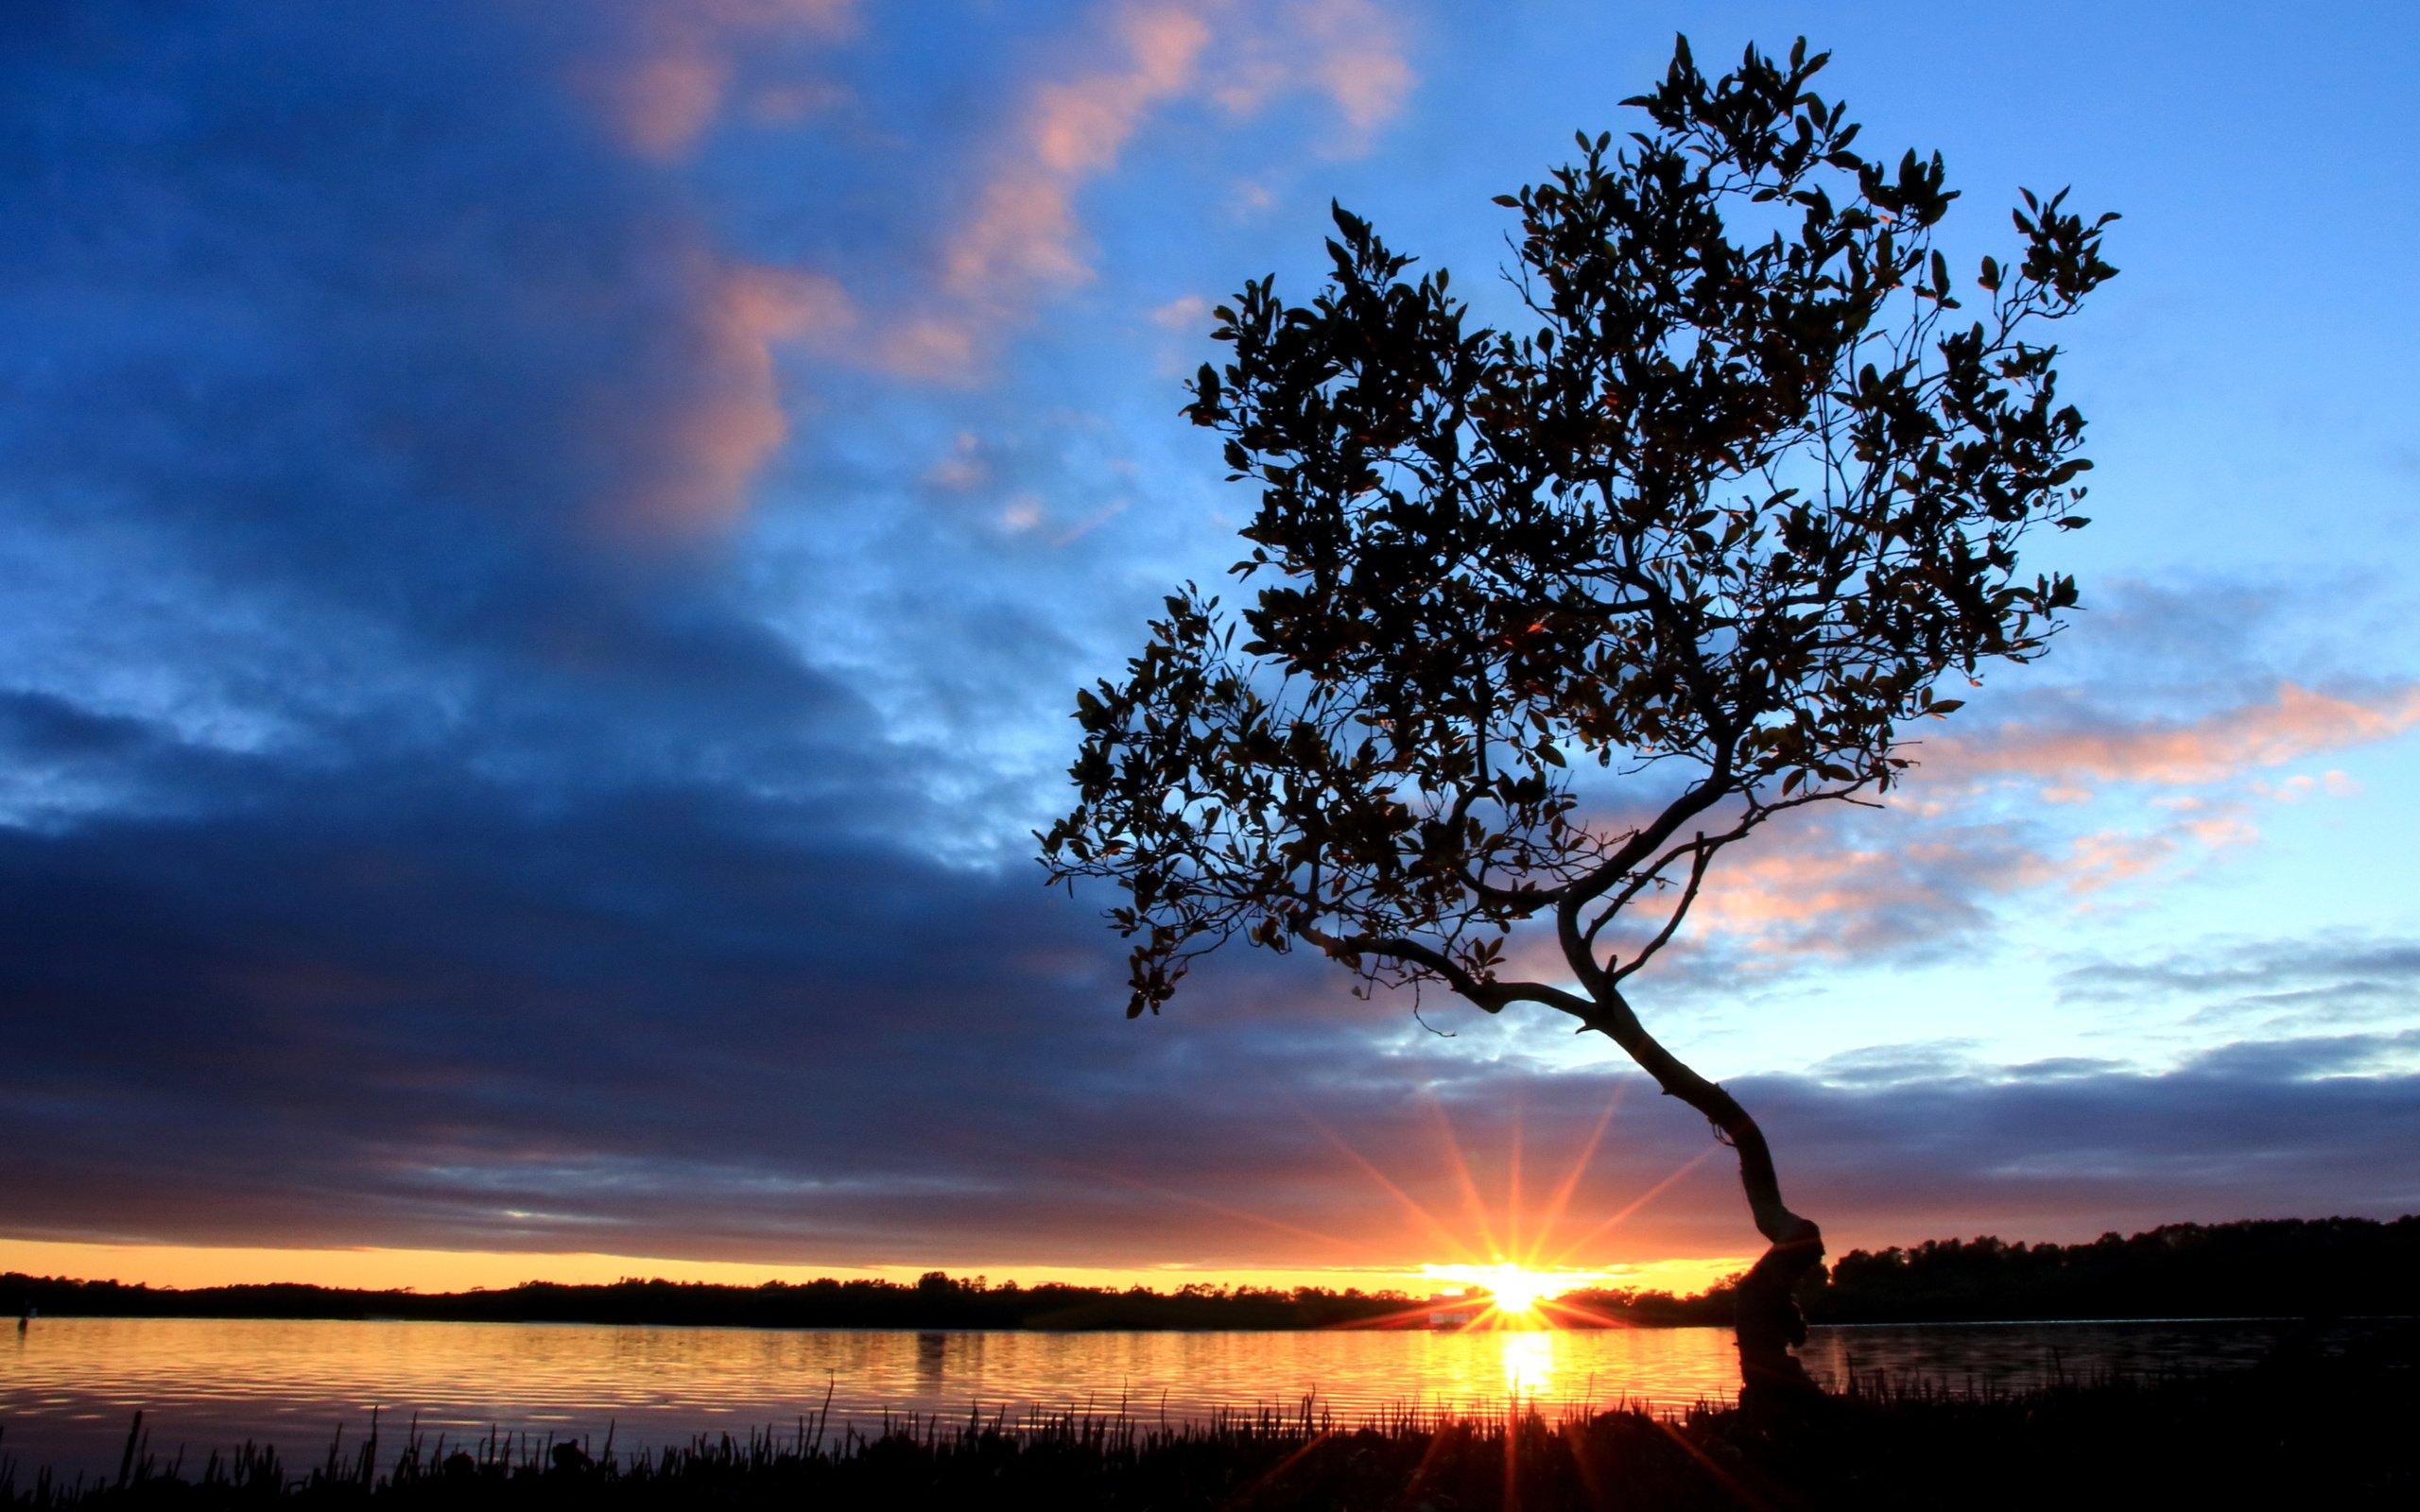 Закат озеро деревья бесплатно